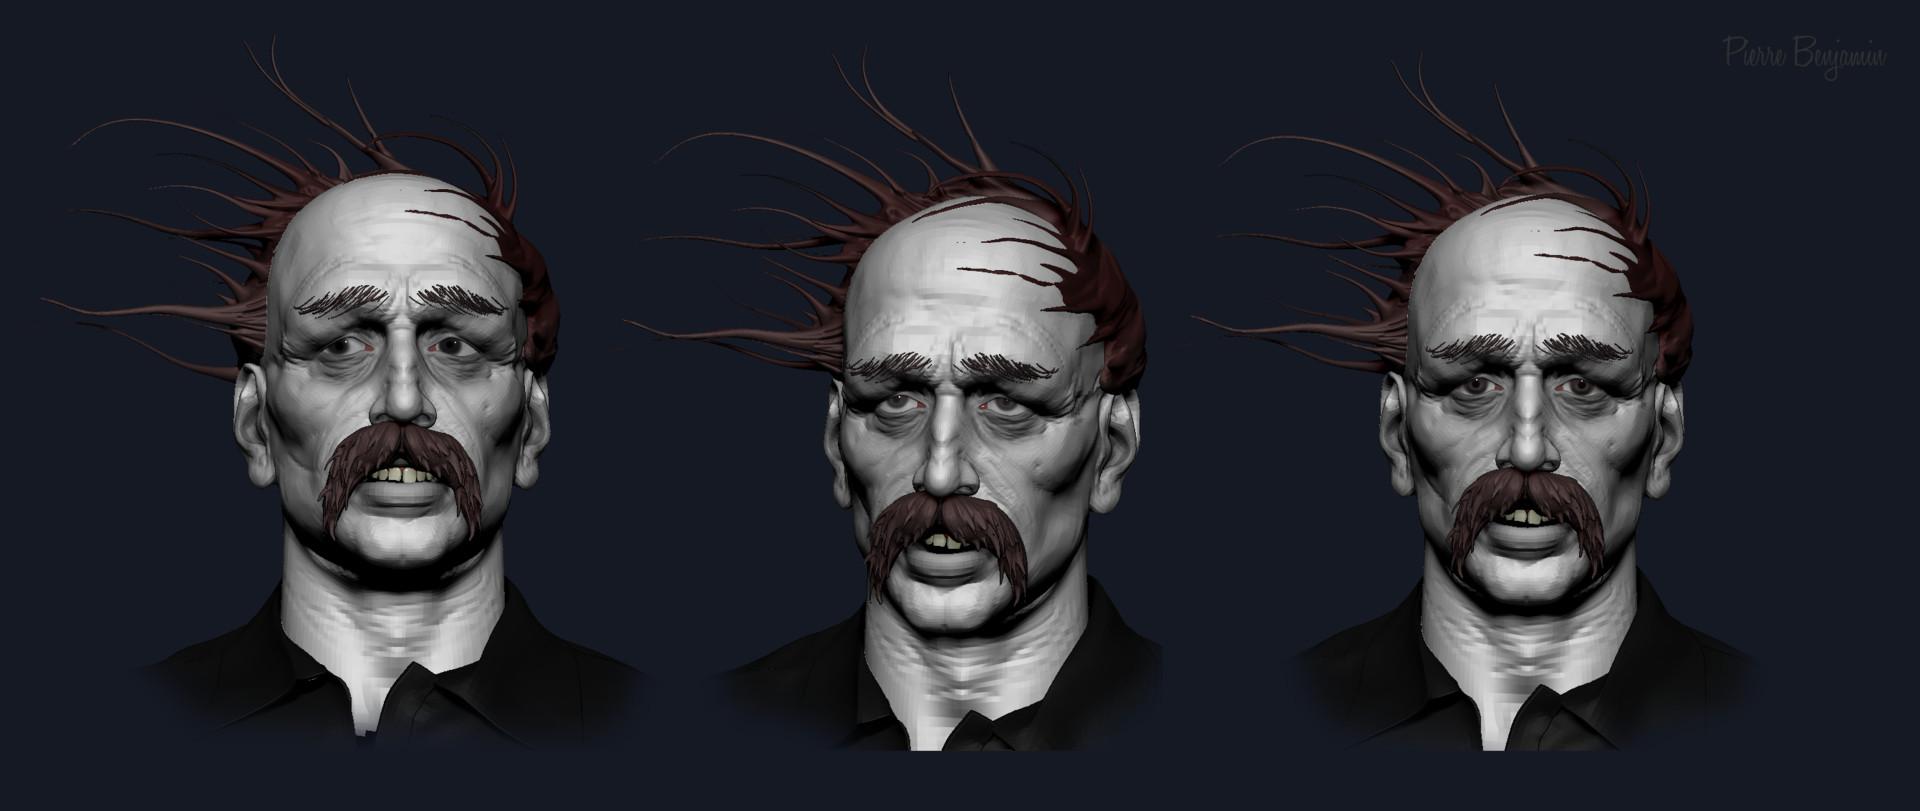 Pierre benjamin doodle 001